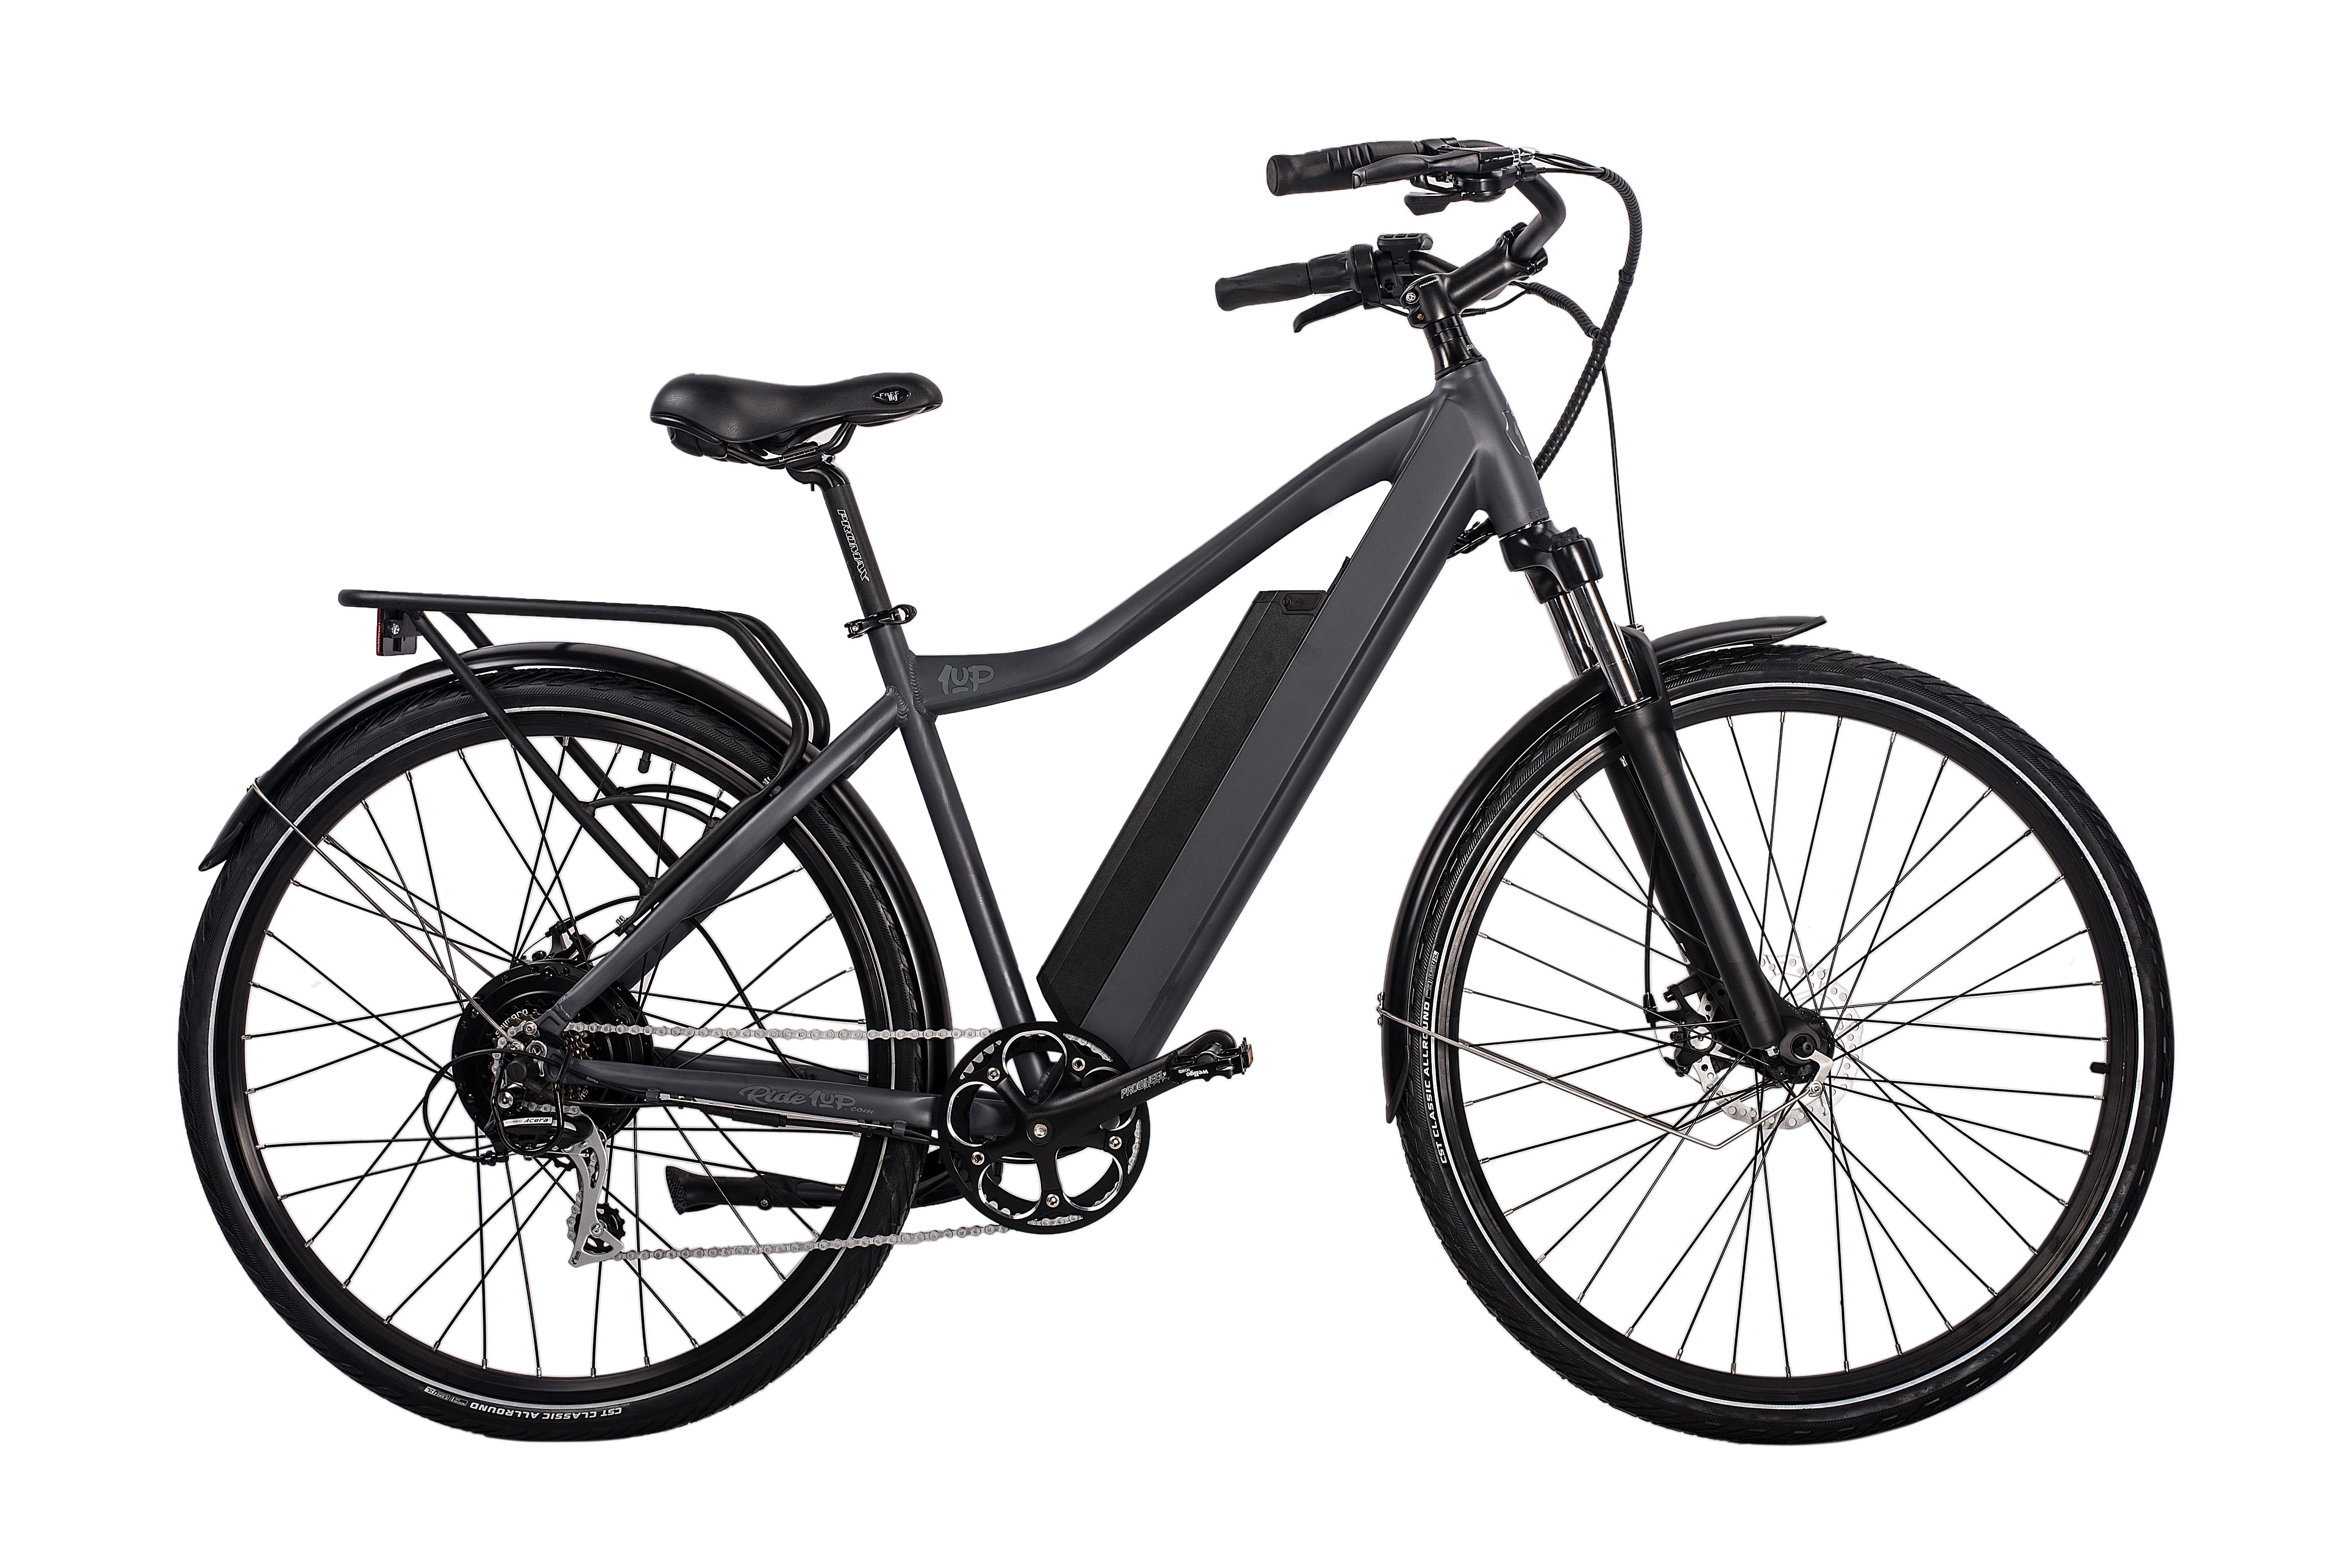 Best Value Electric Bike Bike Photo Studio